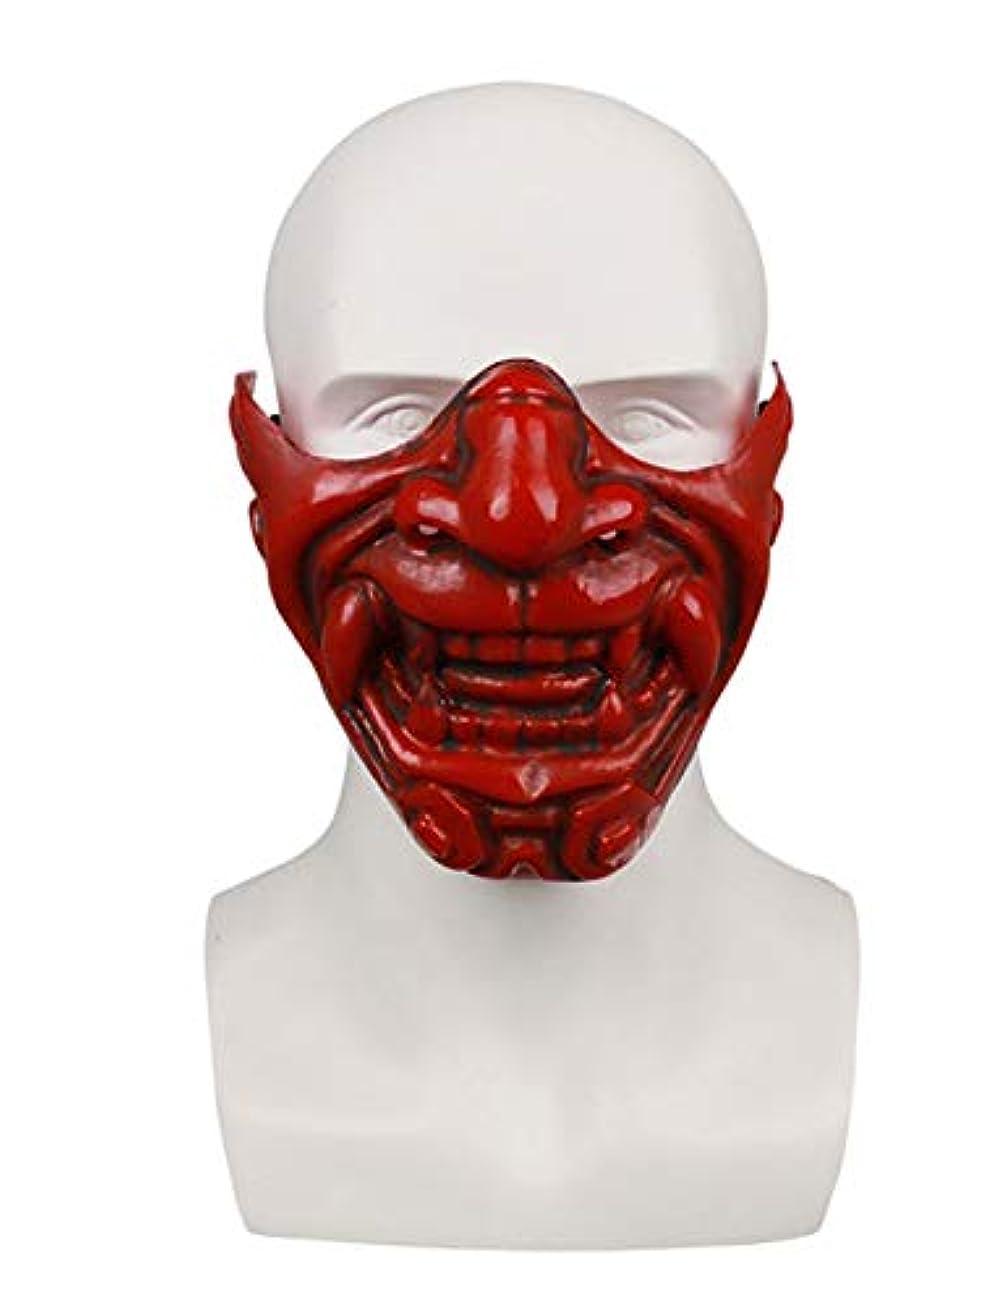 細断突然のキャンパスハロウィーンハーフフェイスマスクホラーデビルマスク映画の小道具仮装マスク (Color : RED)